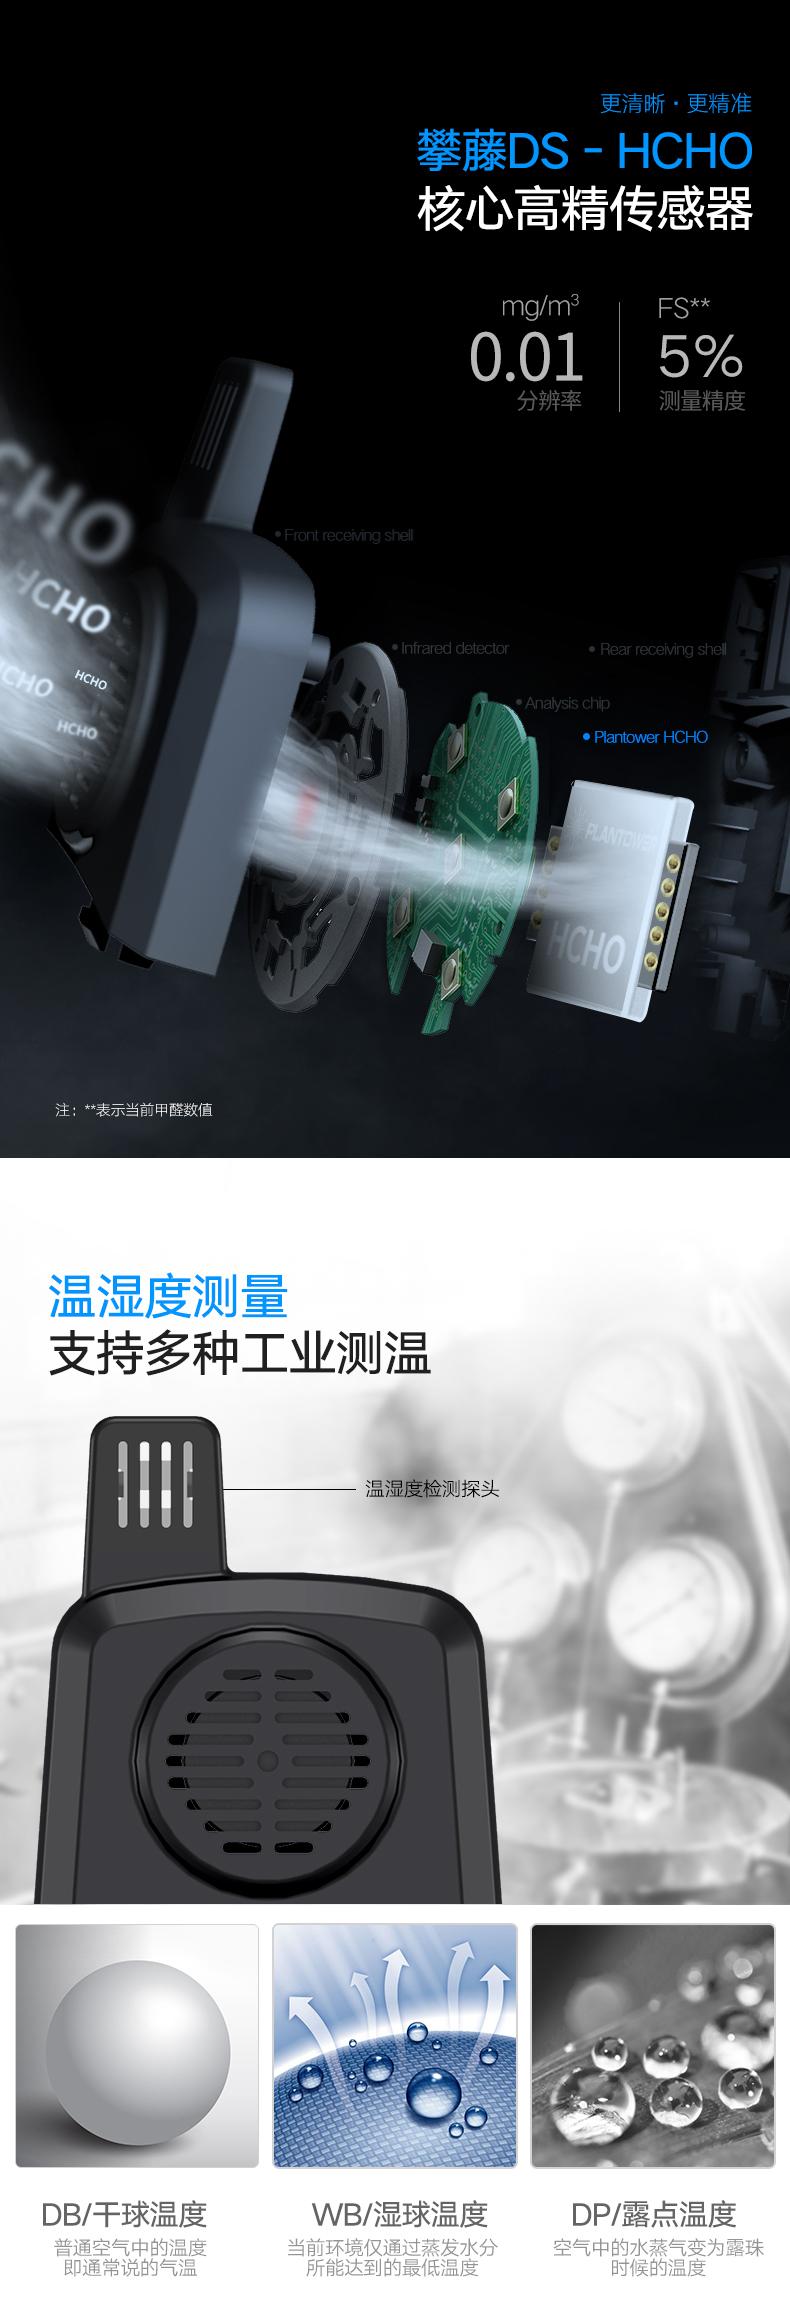 深达威专业测甲醛检测仪器家用室内便携式工业级空气质量测试仪-tmall_05